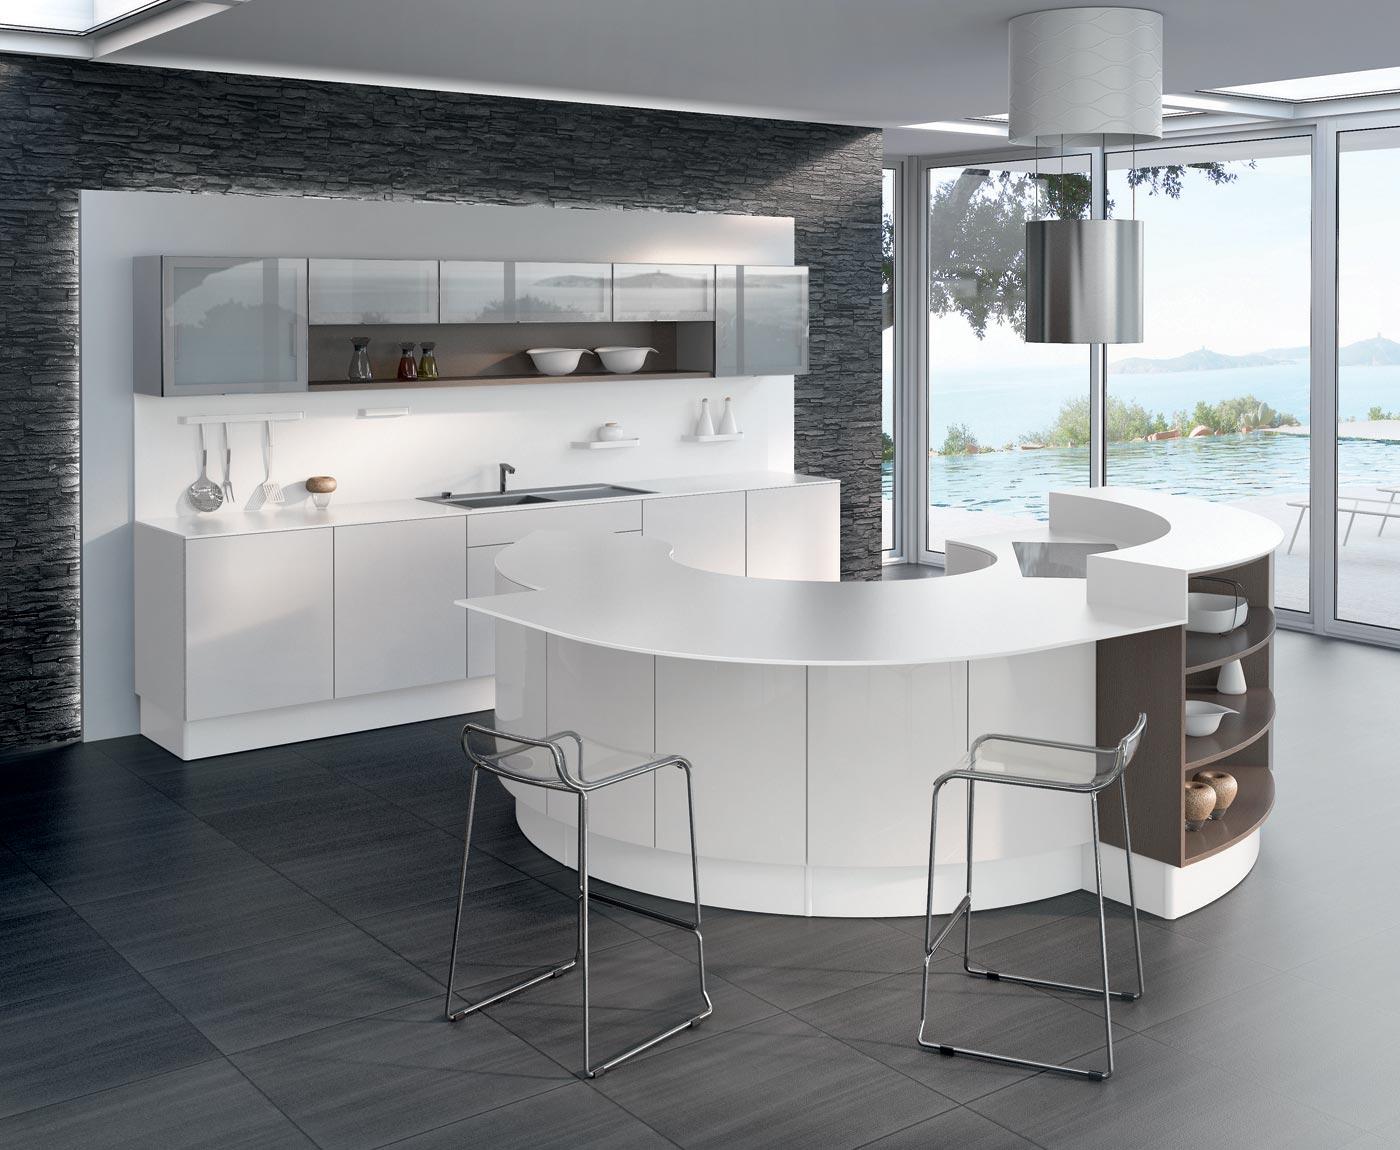 Cuisine L500 Equinoxe laqu Blanc brillant  M100H mlamin Angelim brun structur Perene Lyon